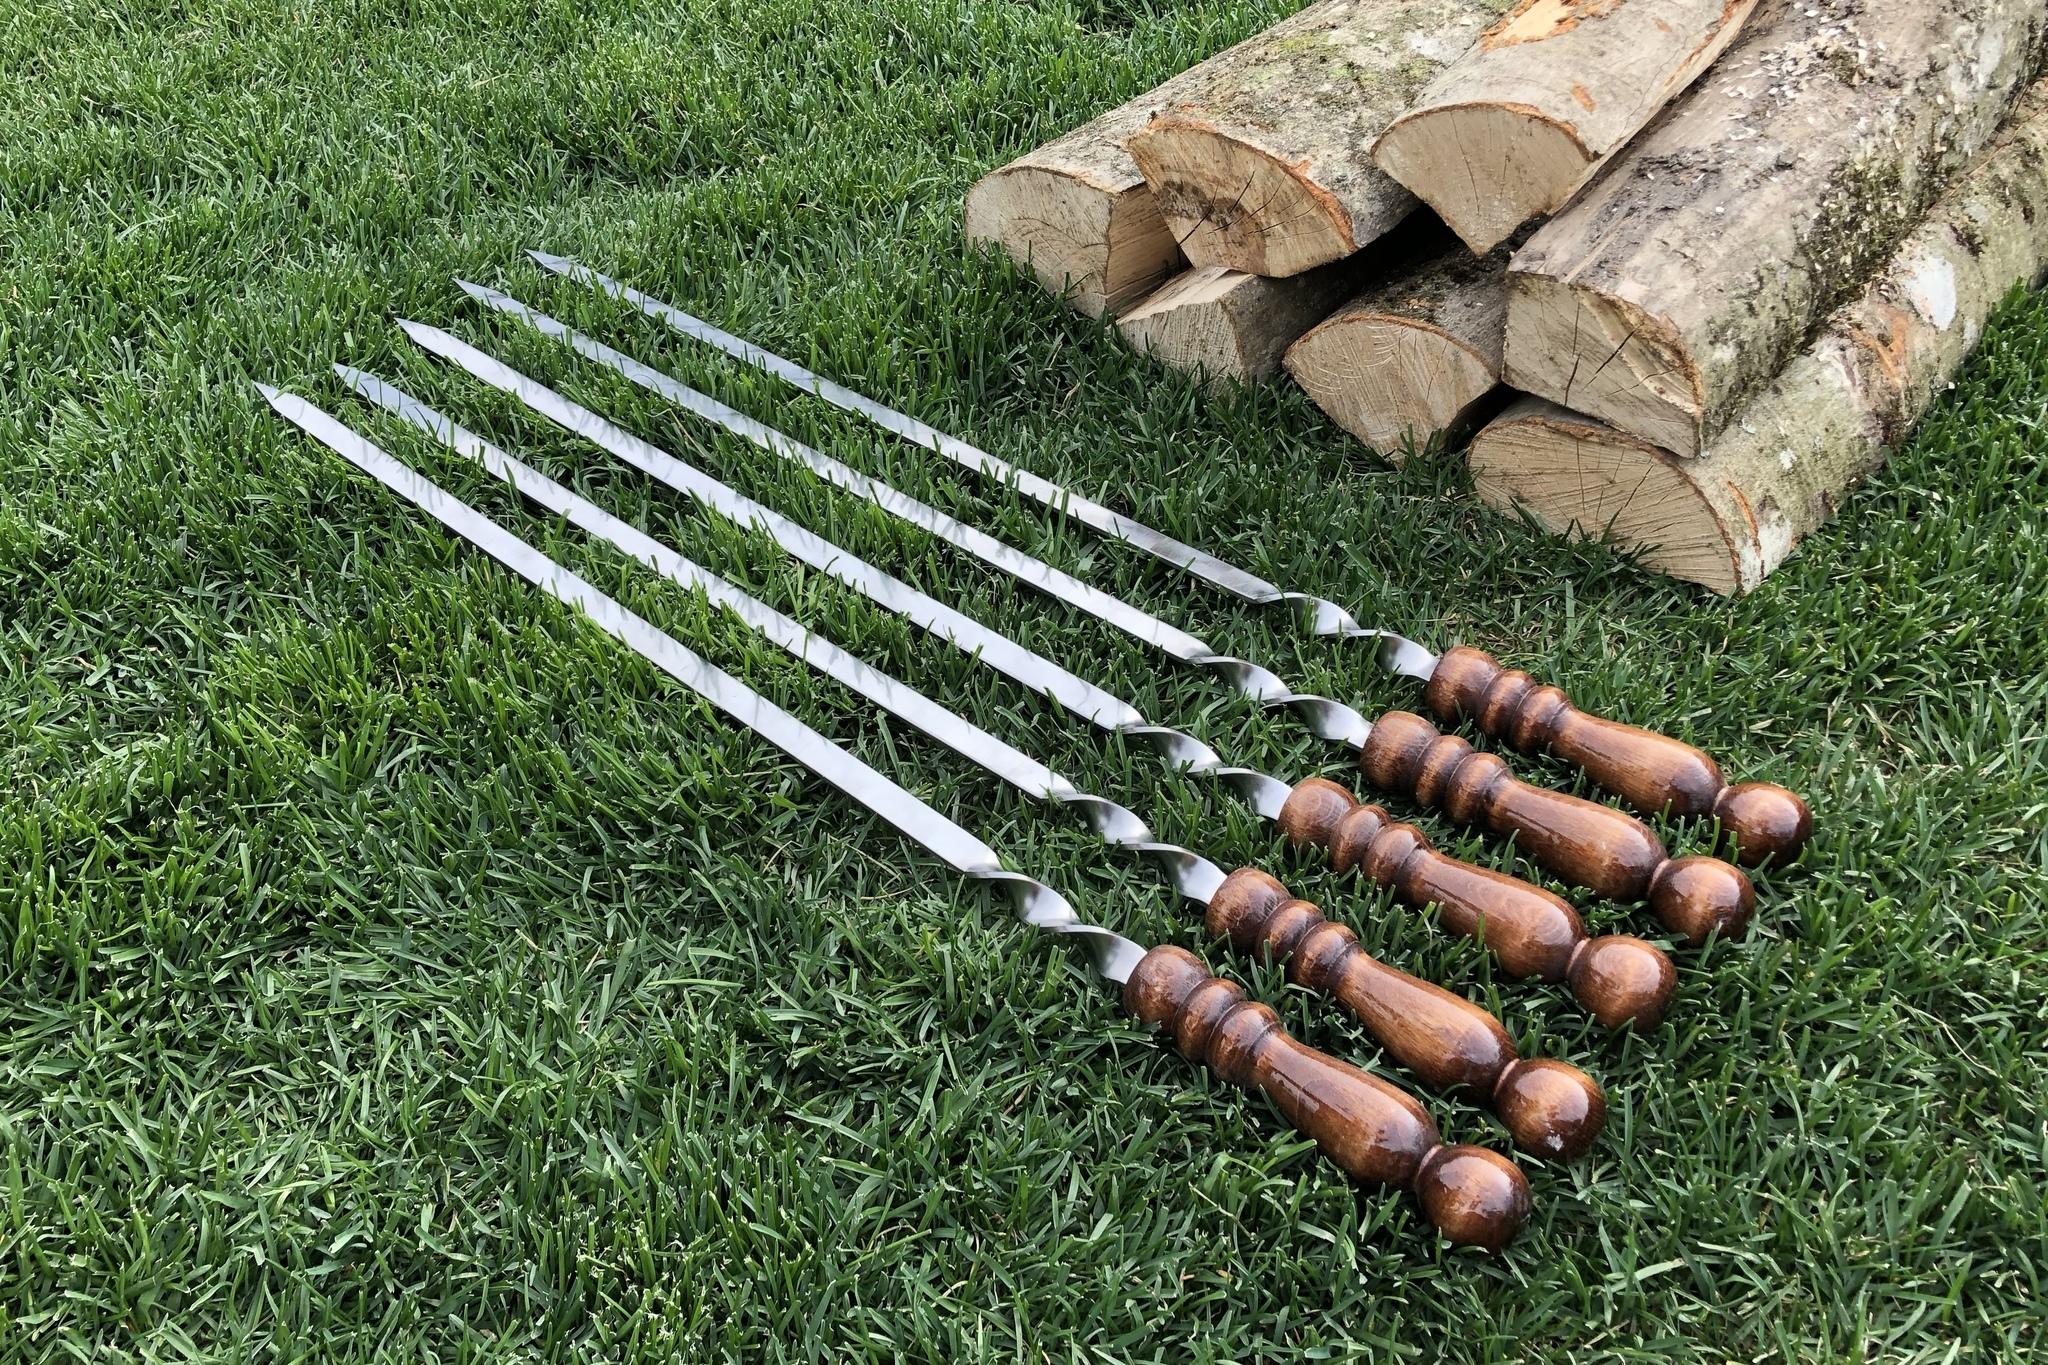 """Шампуры из нержавейки Шампур с деревянной ручкой """"Шар"""" 3мм (ширина 10мм) №4 IMG_3750.JPG"""